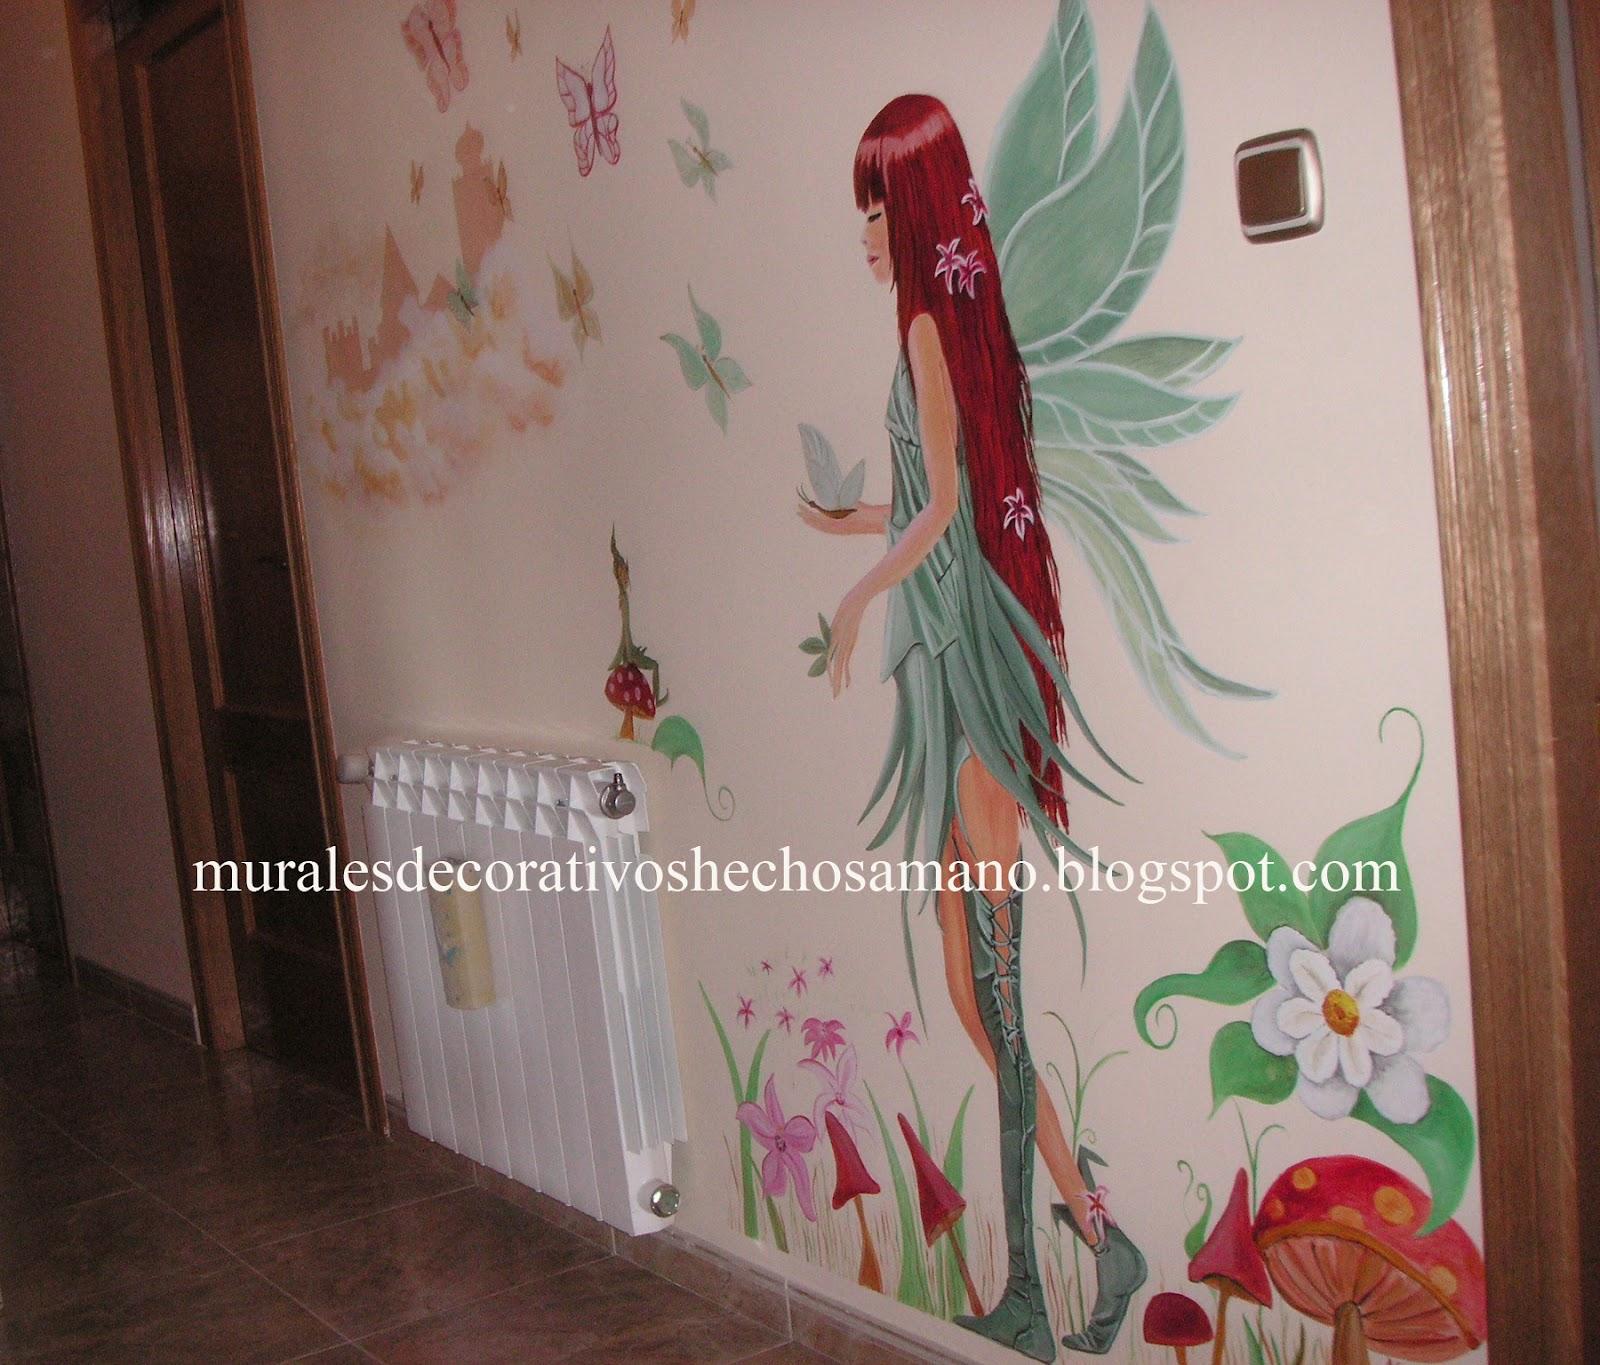 Diarios murales y cuadros hada for Como decorar un mural